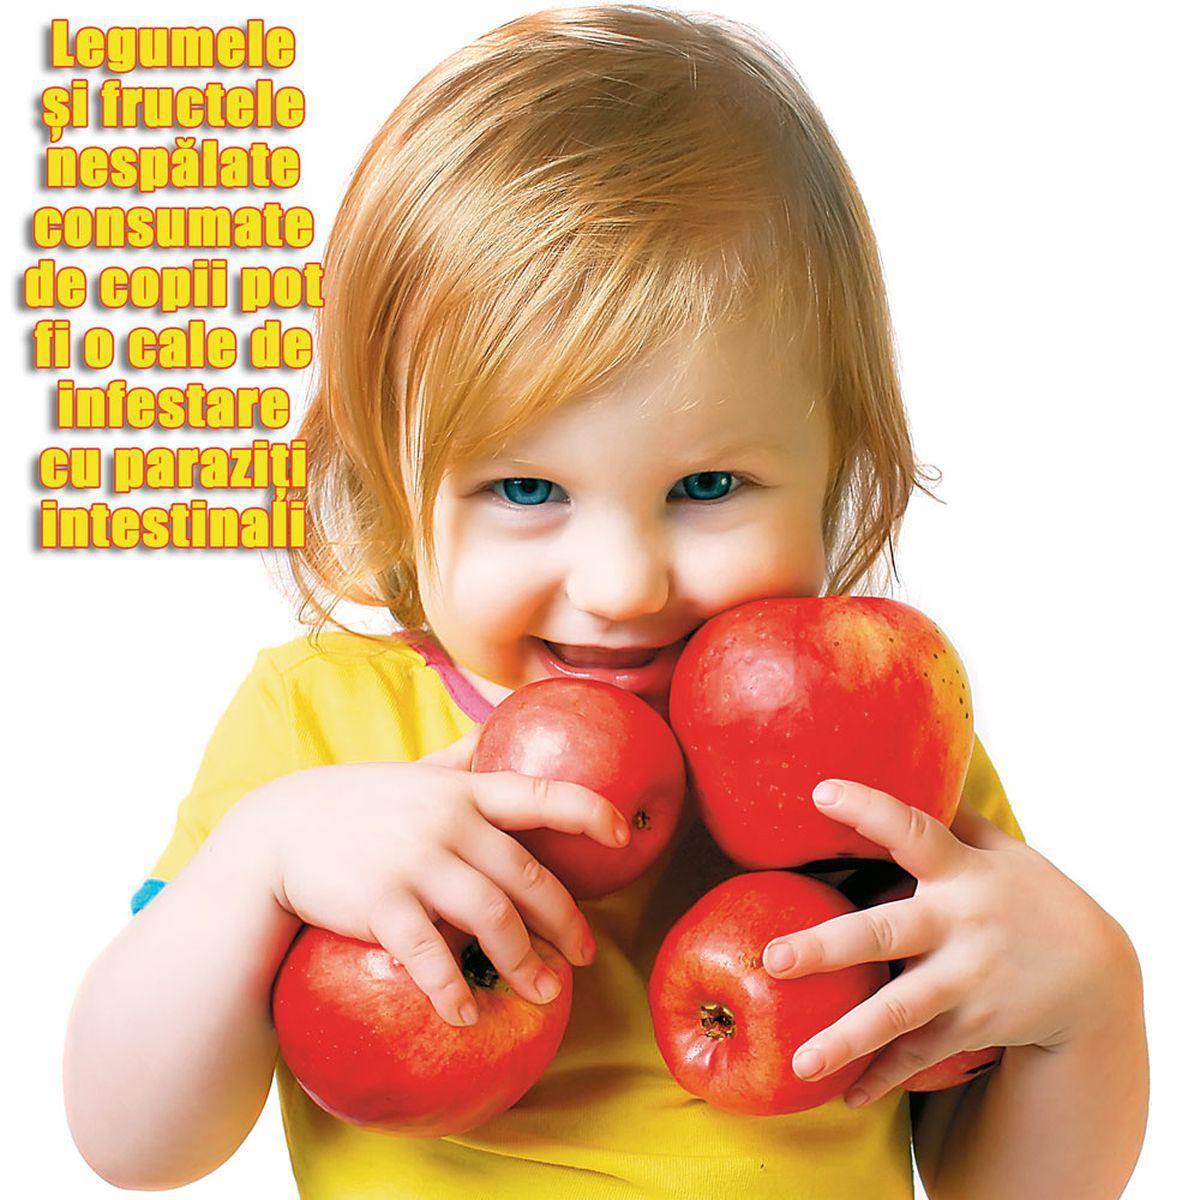 viermii sunt un medicament pentru întreaga familie enterobiasis incidence